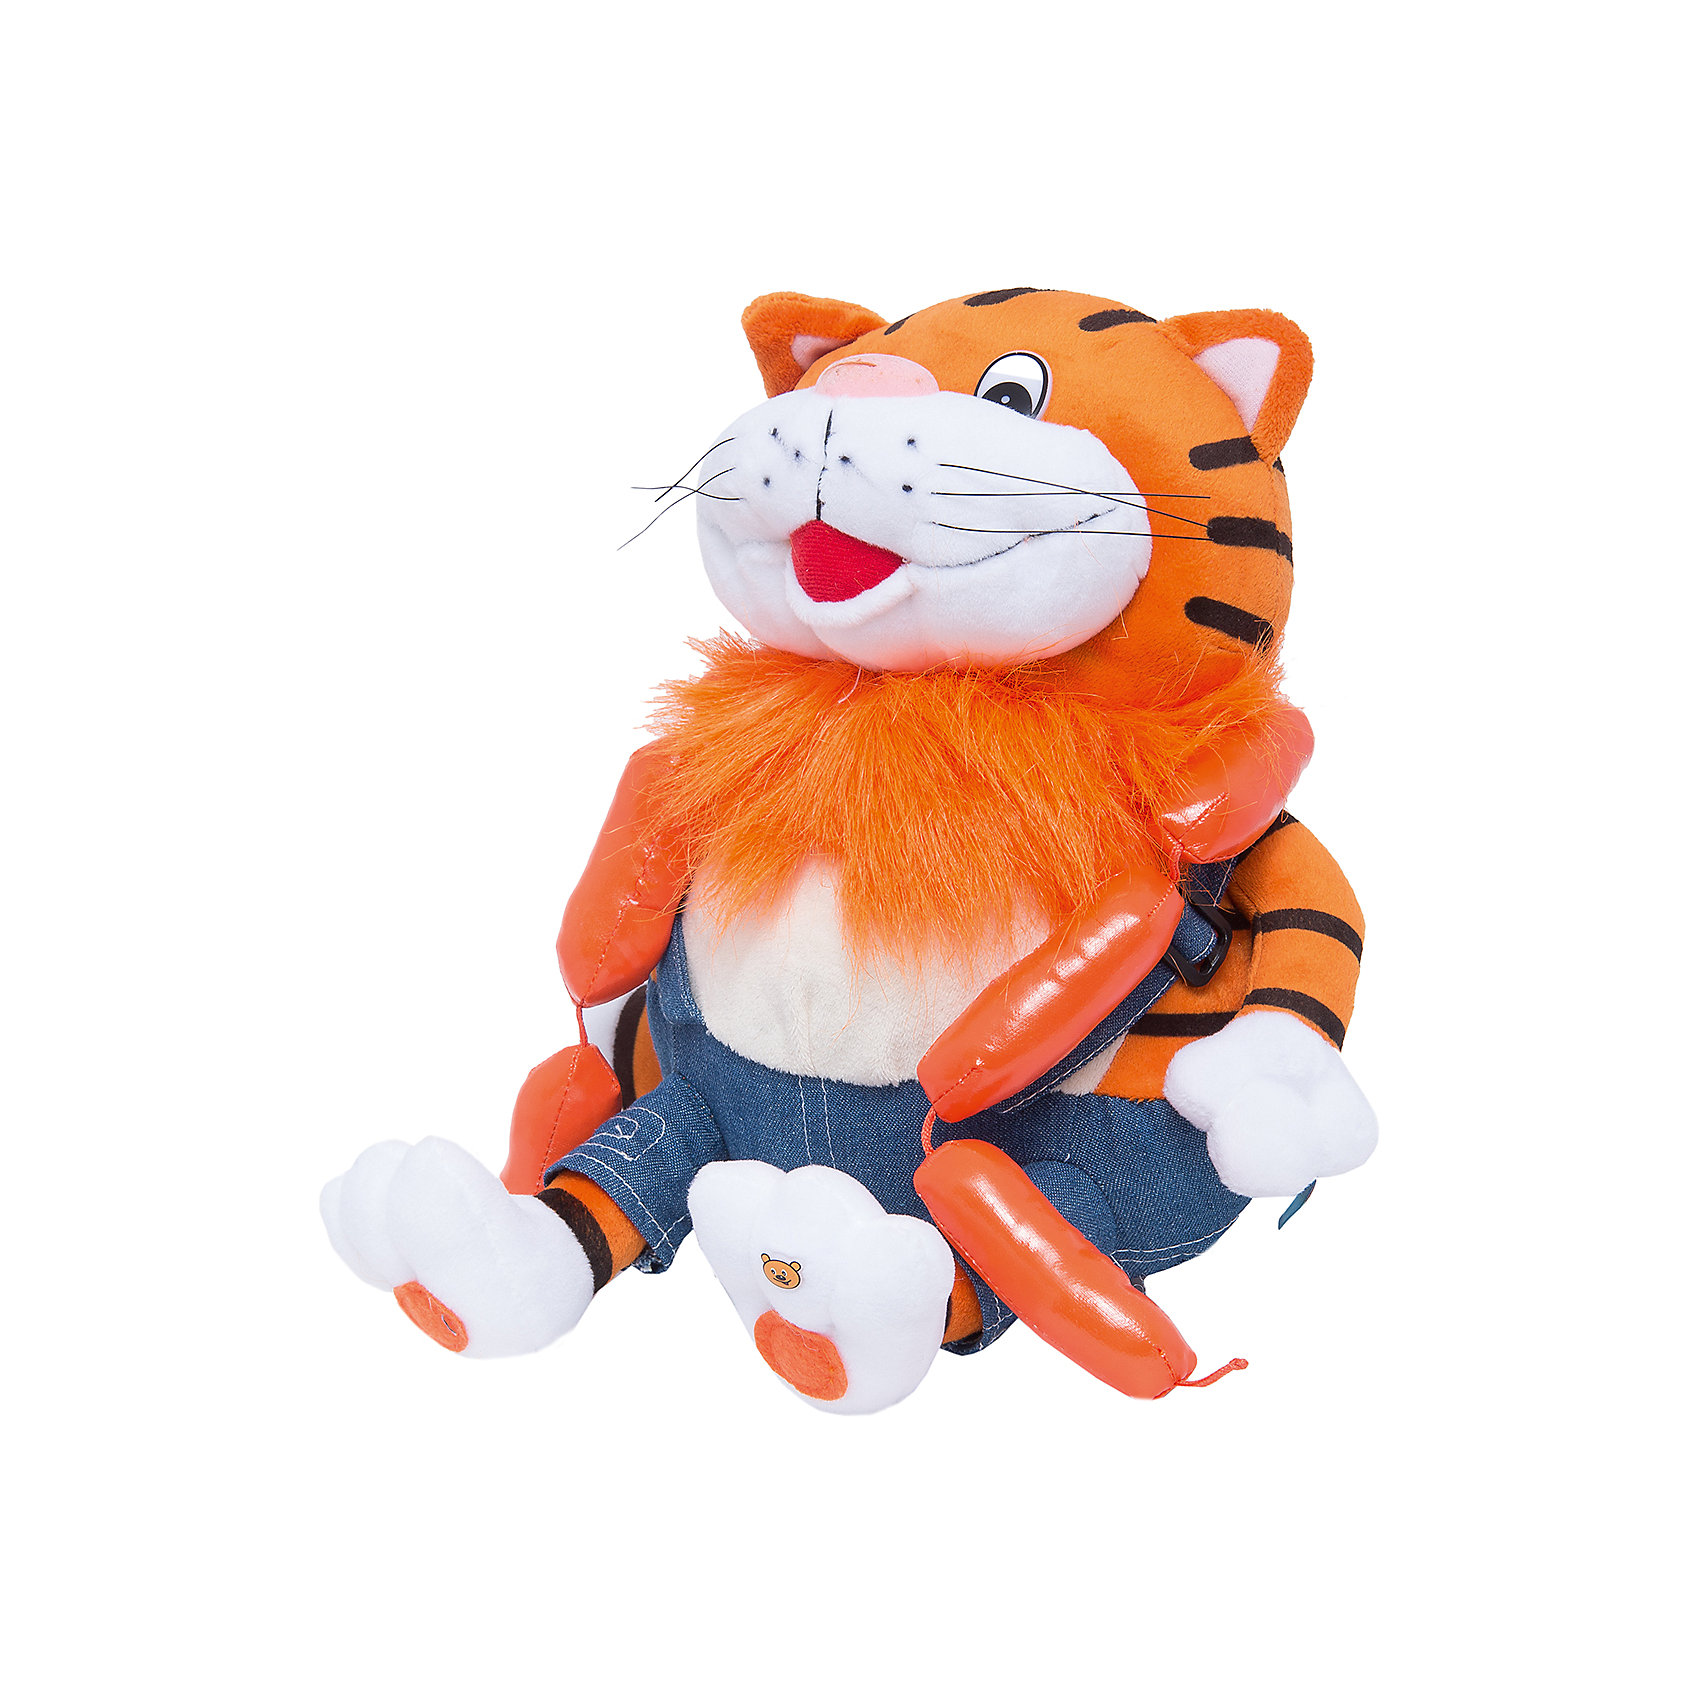 МУЛЬТИ-ПУЛЬТИ Мягкая игрушка Кот с сосисками, 25 см, МУЛЬТИ-ПУЛЬТИ мульти пульти мягкая игрушка серый мышонок 23 см со звуком кот леопольд мульти пульти